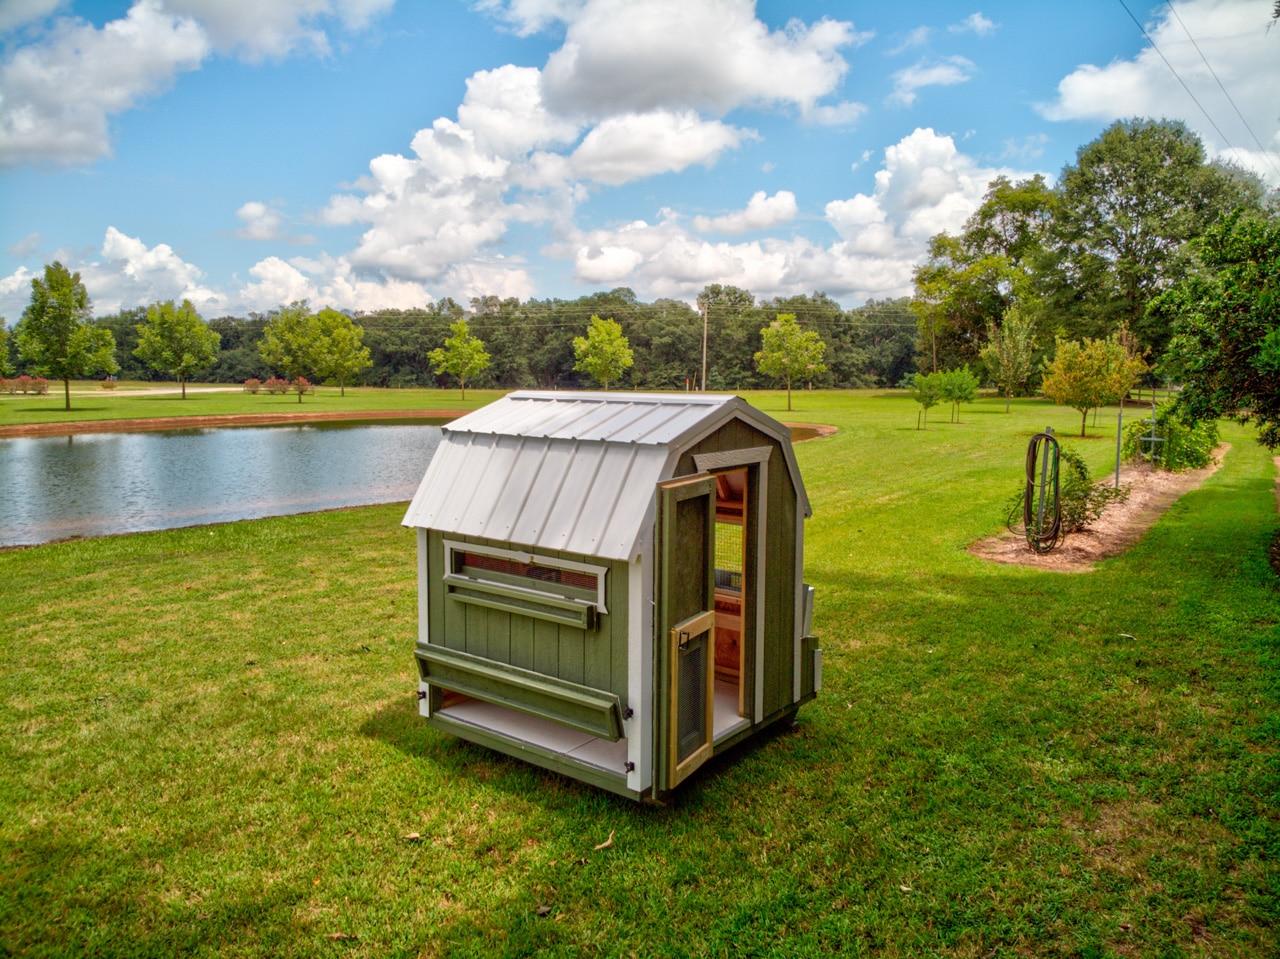 portable building - chicken coop